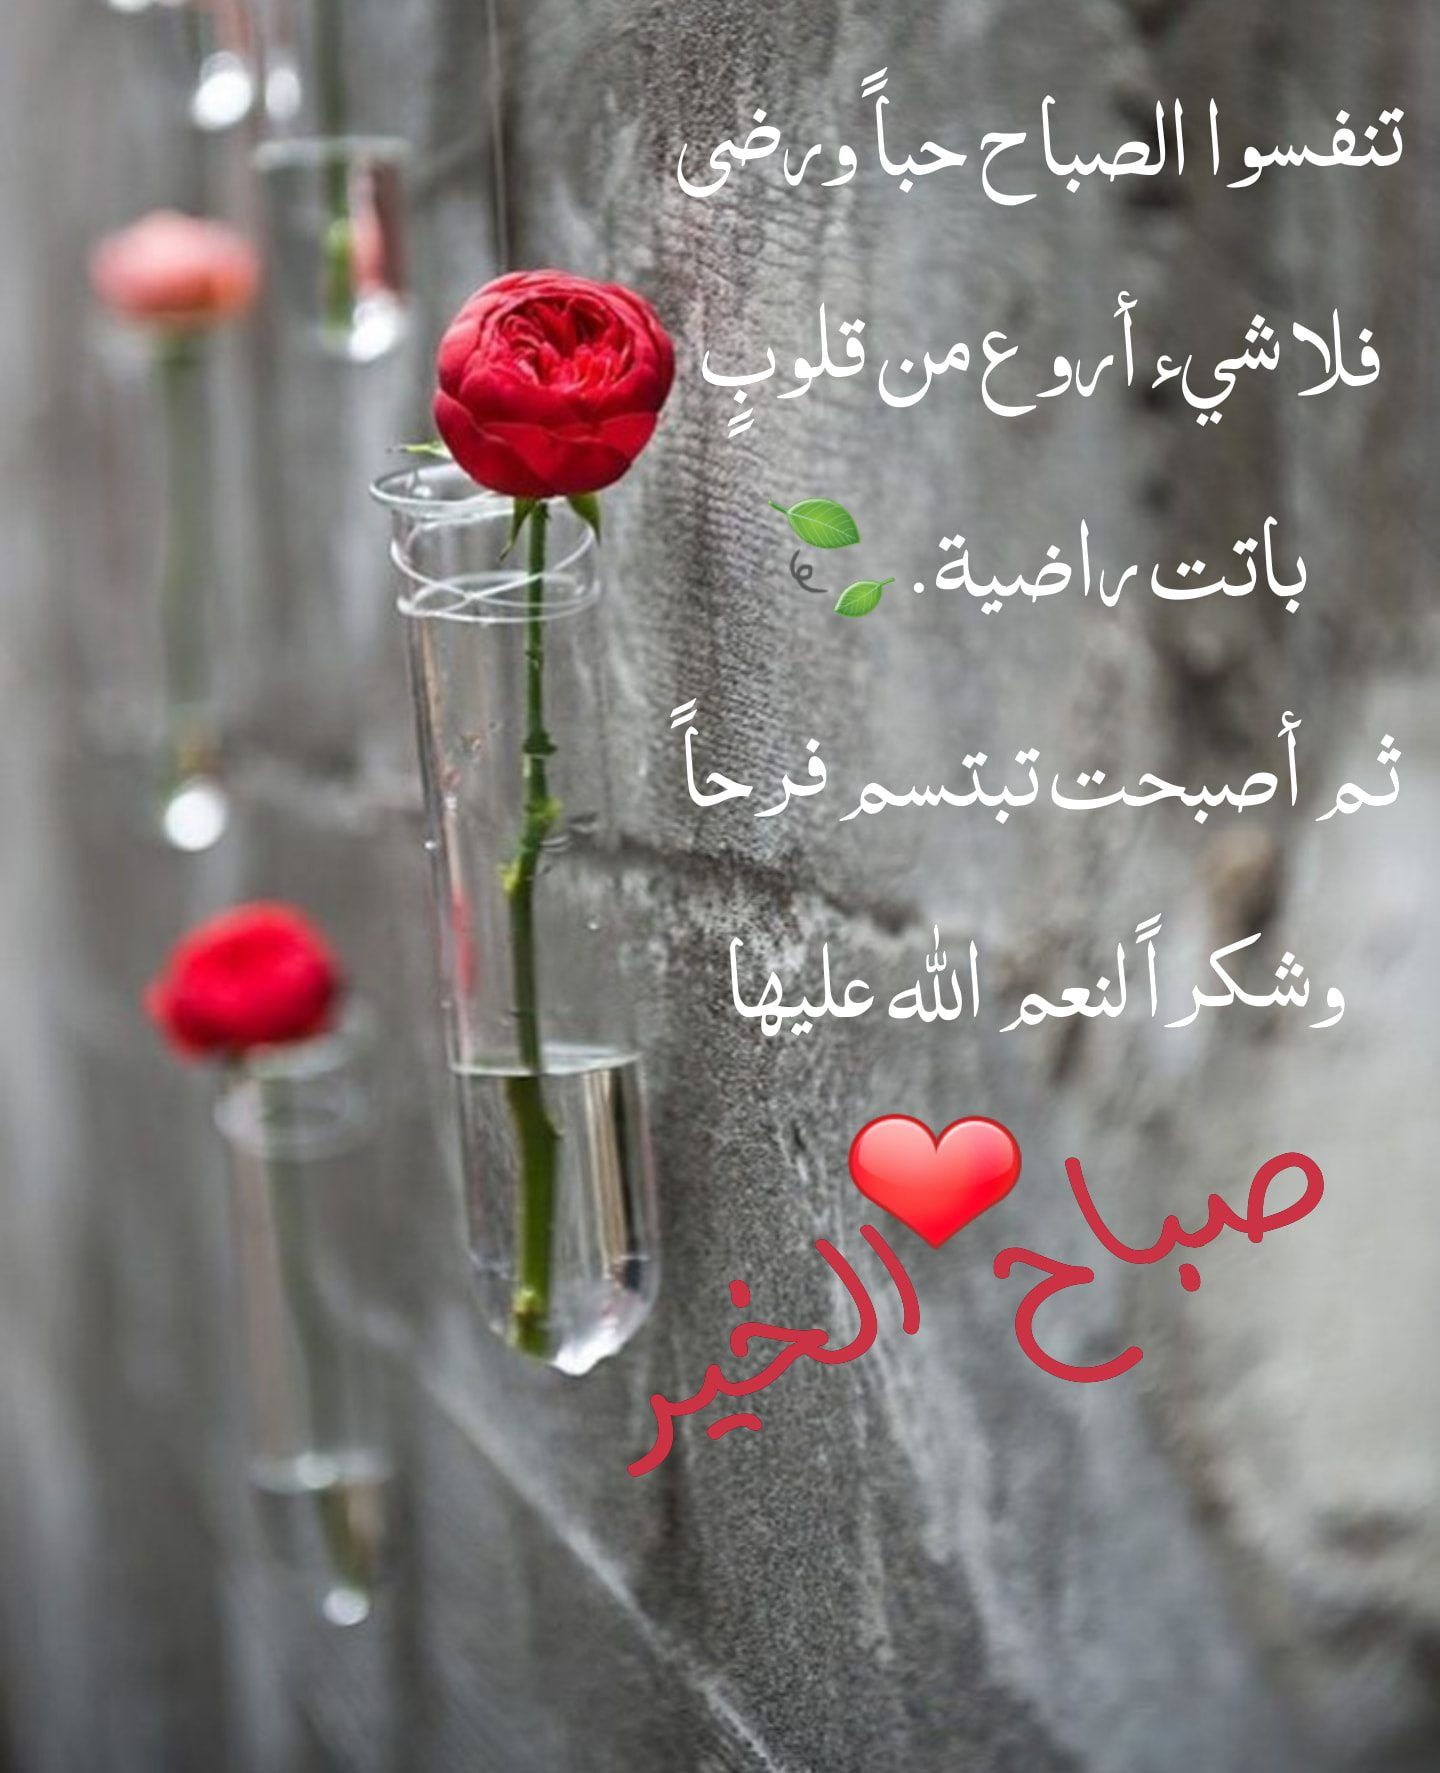 Pin By القيصر Abu Wesam On صباحكم ومسائكم دعاء Beautiful Morning Messages Good Morning Messages Morning Messages